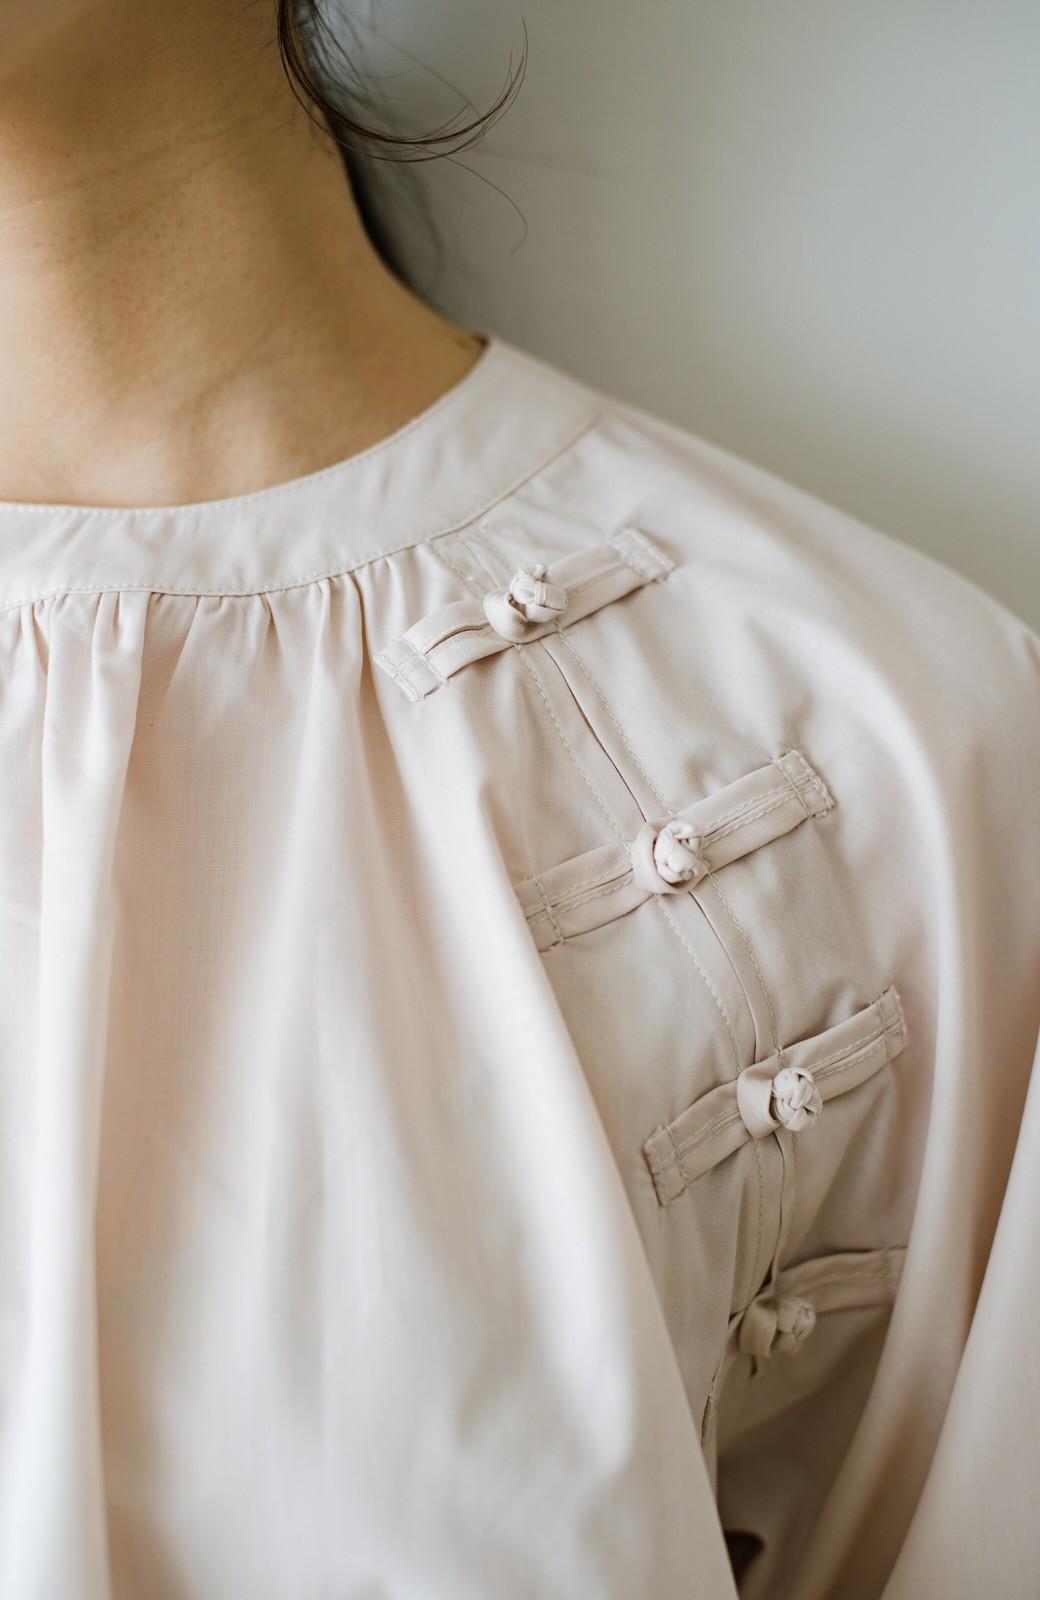 haco! パッと着るだけで新鮮&おしゃれ見え!ゆるめサイズが今っぽいチャイナボタンブラウス <ライトベージュ>の商品写真4